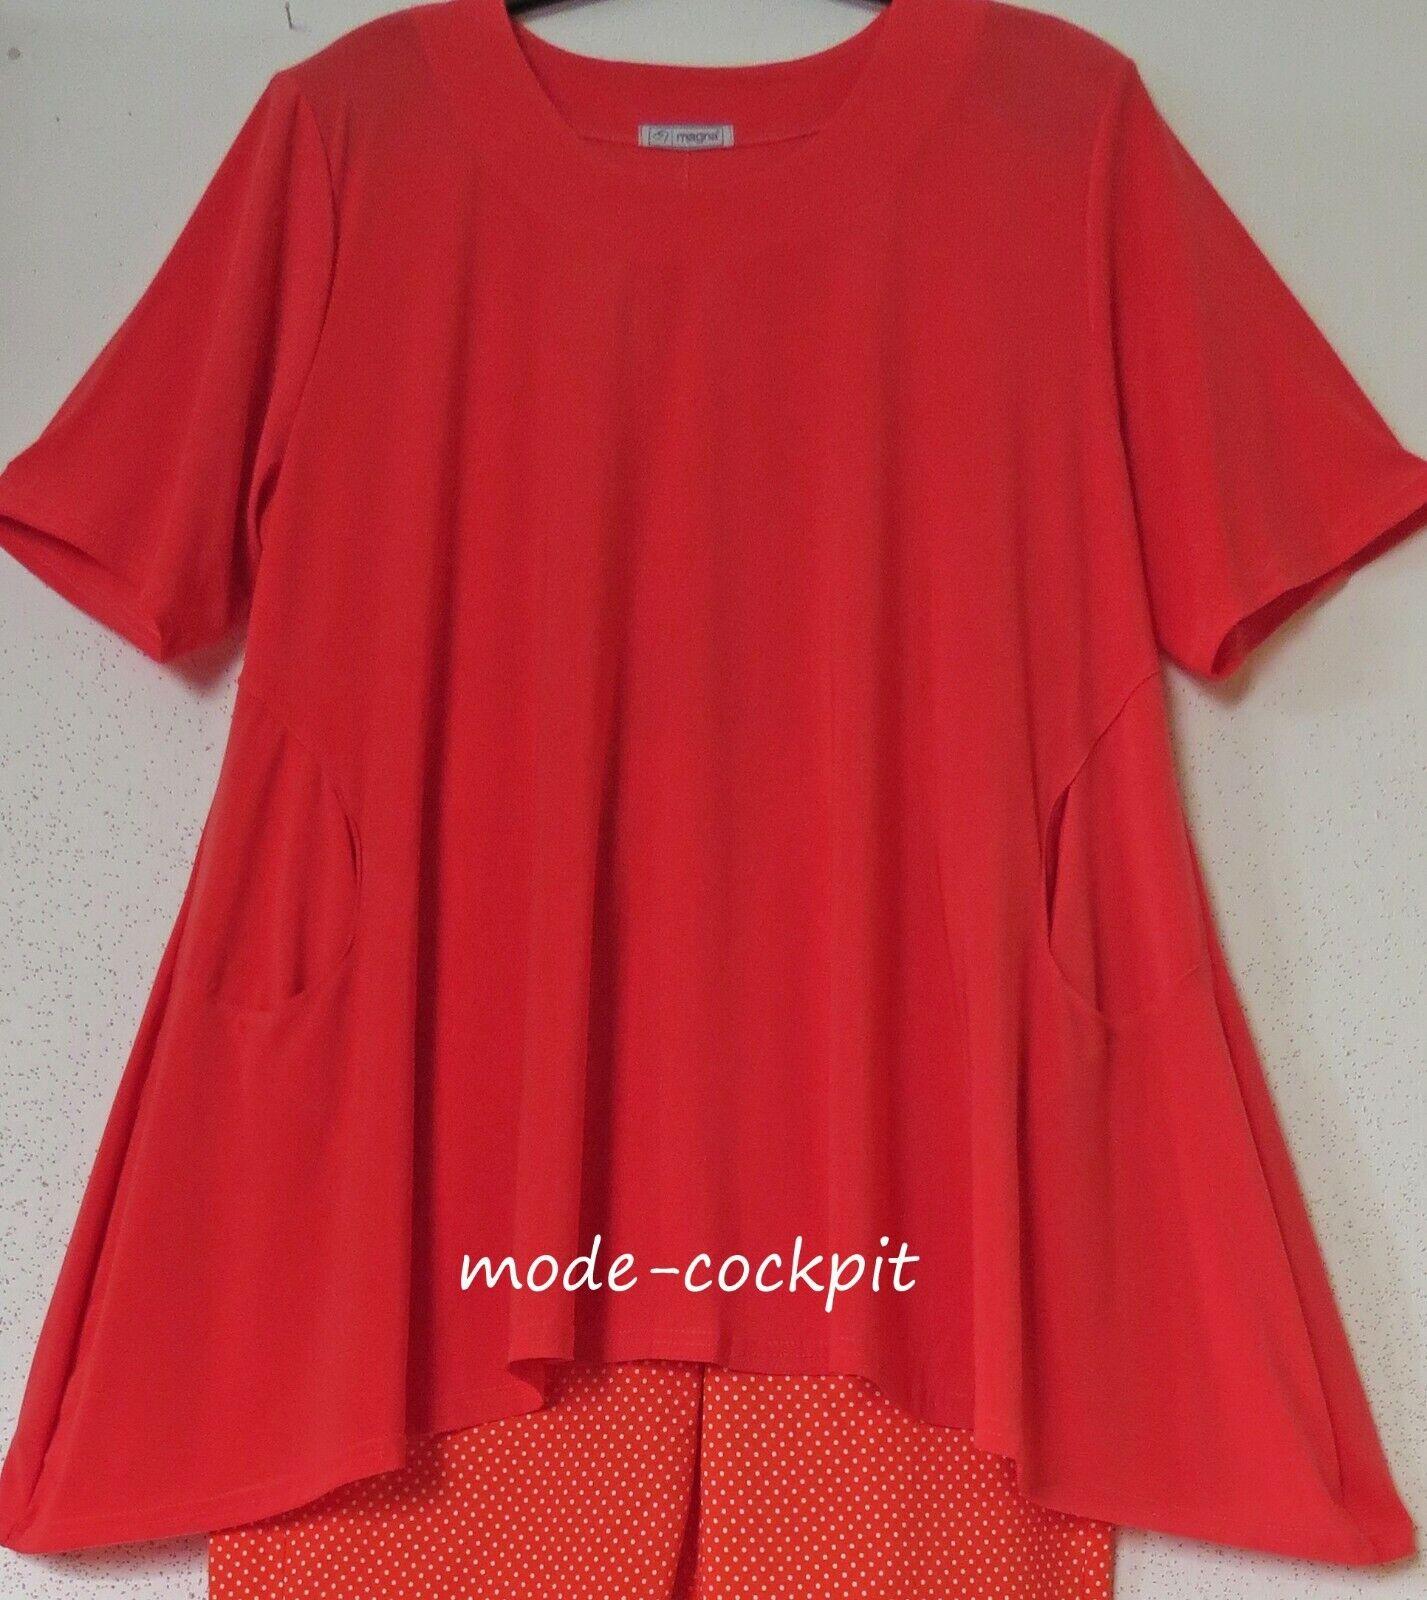 MAGNA tolles Oversize Shirt Tunika super A-Linie+Taschen new koralle 48-50